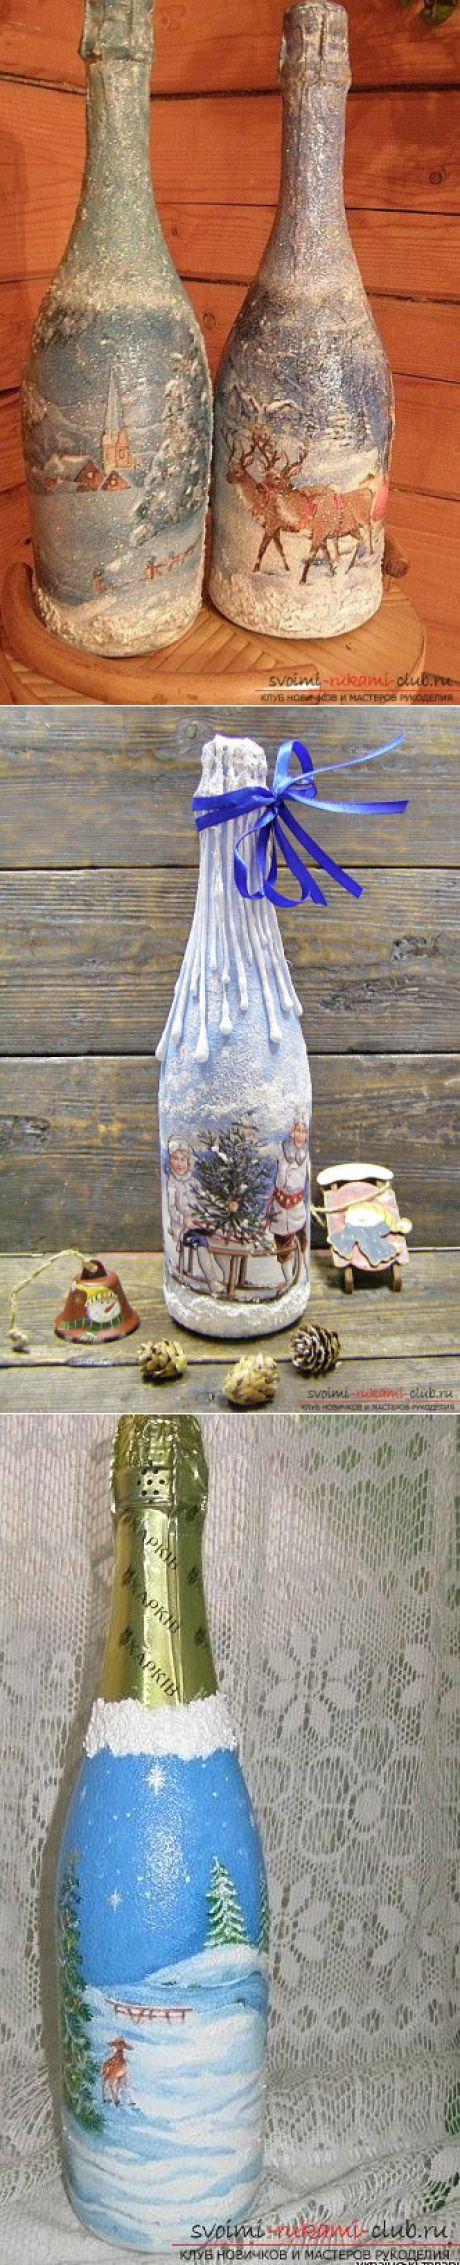 Роспись по стеклу бутылки на тему новогодней тематики своими руками - мастер-класс